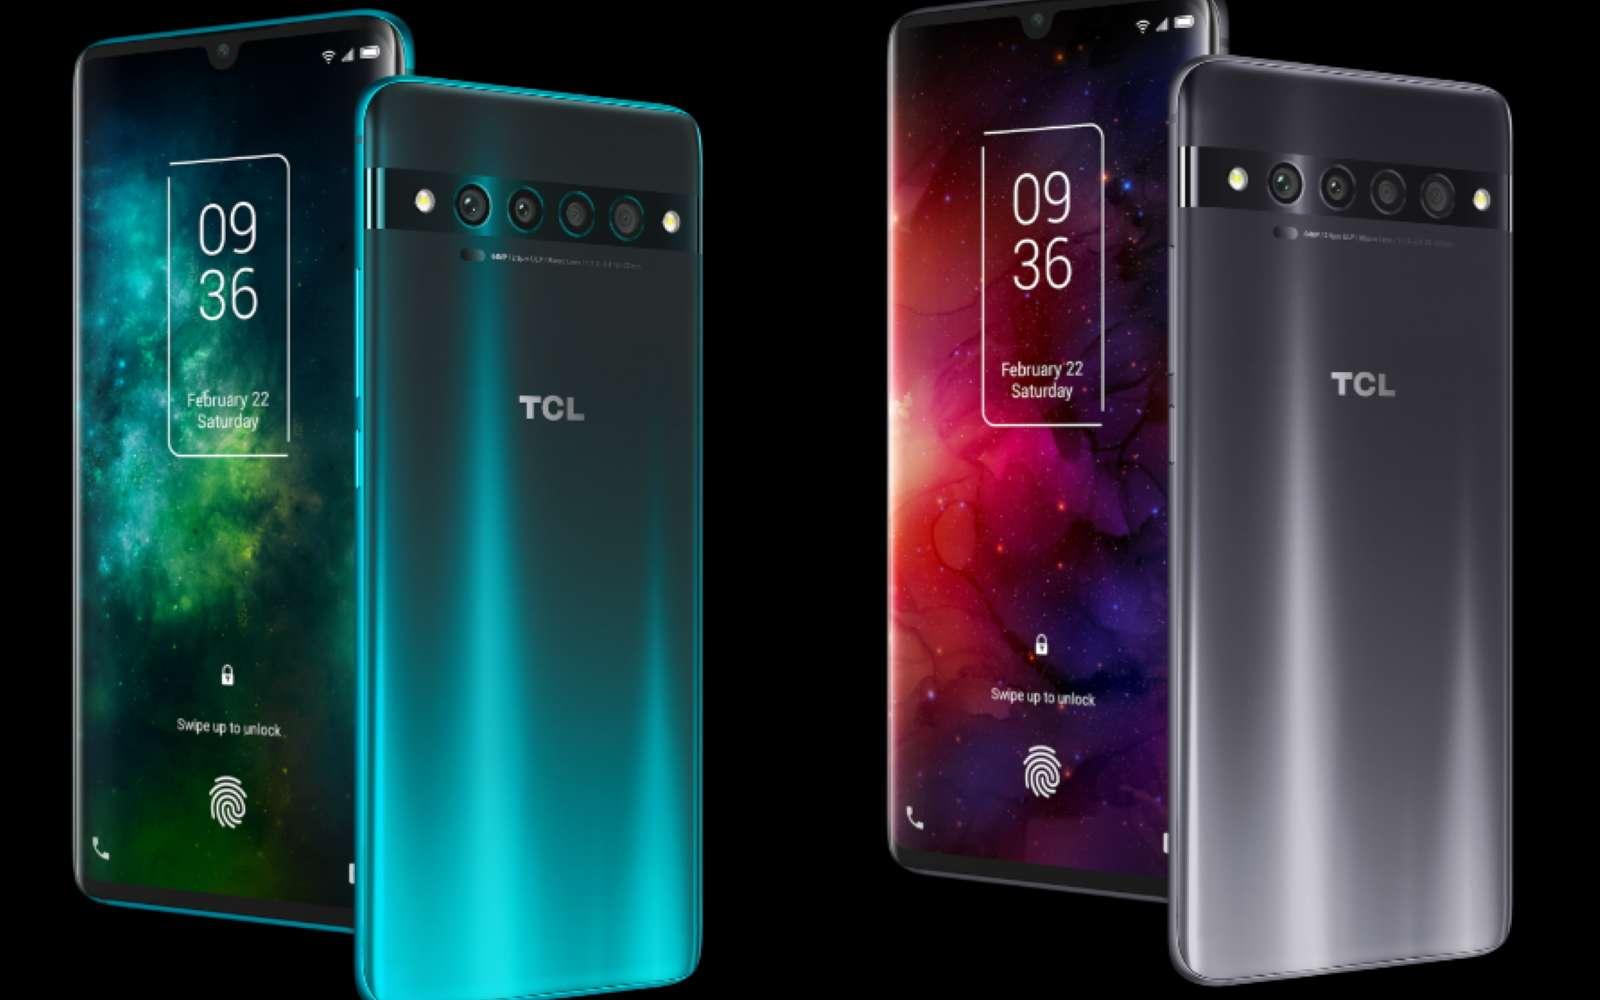 C'est avec une gamme de trois mobiles aux caractéristiques et au prix séduisants que TCL cherche à propulser sa propre marque de smartphone. © TCL